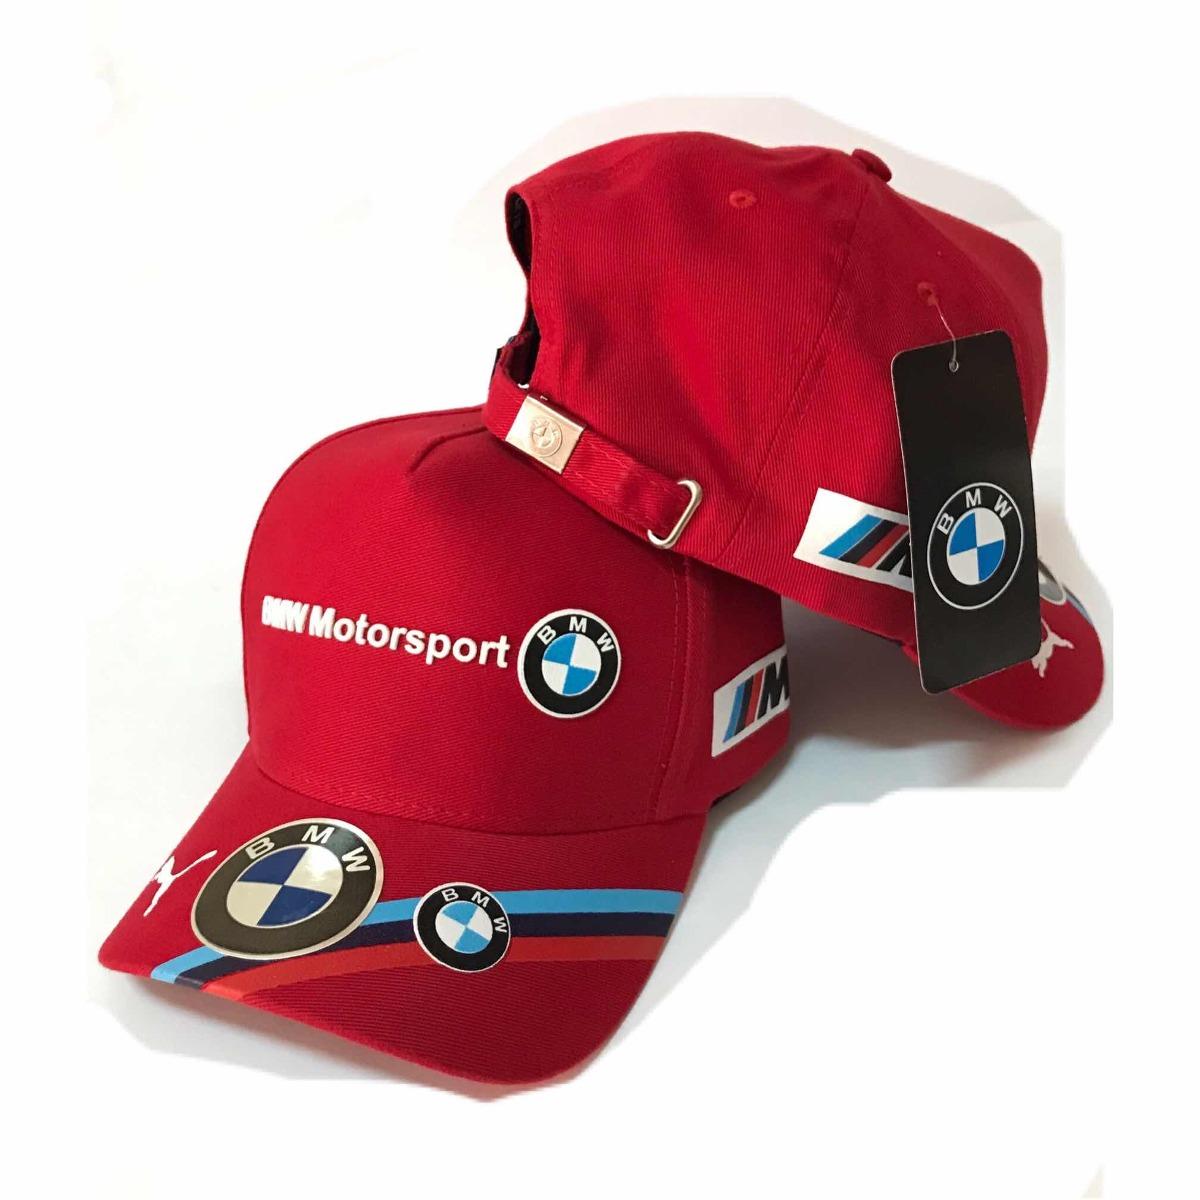 boné bmw motorsport puma aba curva golf vermelho. Carregando zoom. 7947ffb92cd